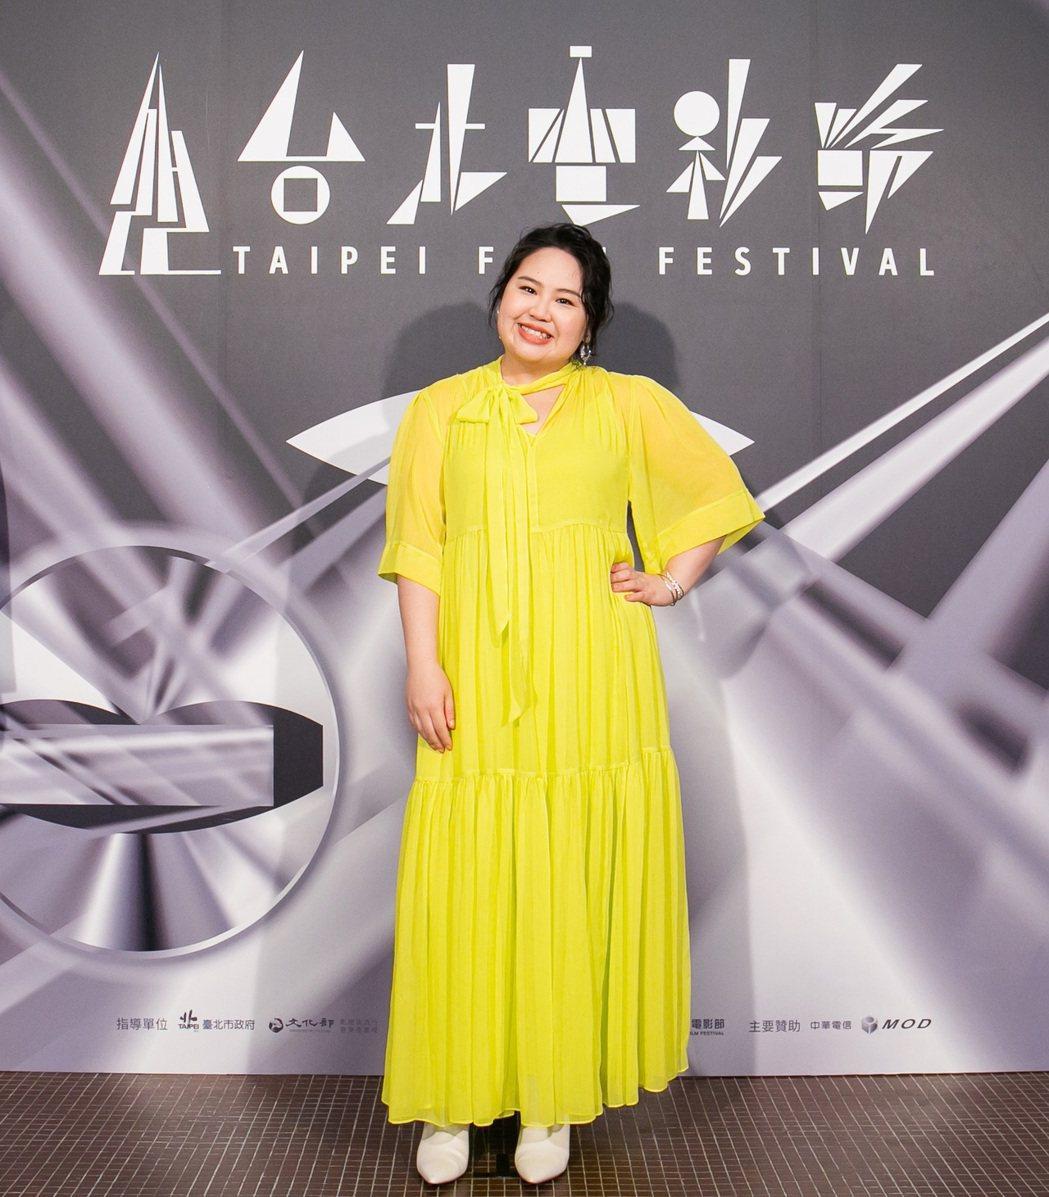 「破處」女主角郭文頤(大文)。圖/台北電影節提供